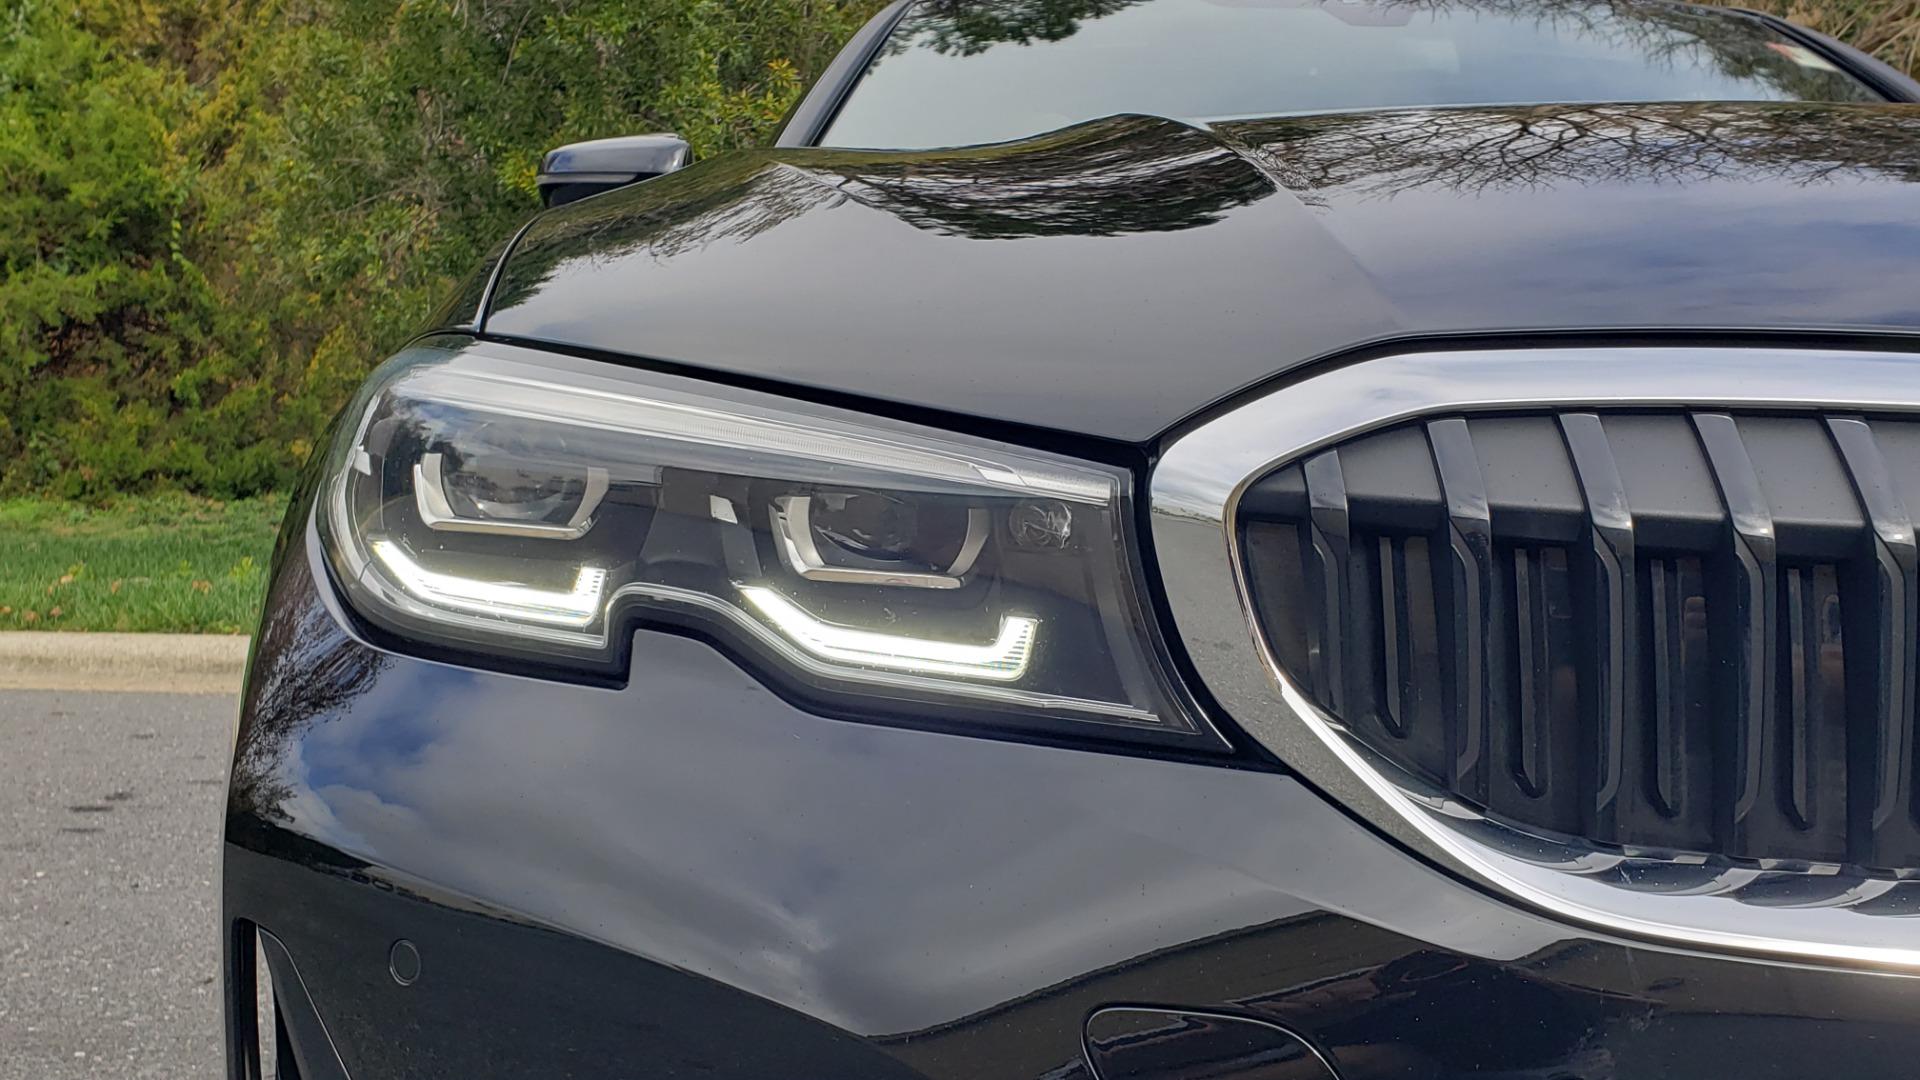 Used 2019 BMW 3 SERIES 330I PREM PKG / NAV / CONV PKG / H&K SND / LIVE COCKPIT PRO for sale Sold at Formula Imports in Charlotte NC 28227 19